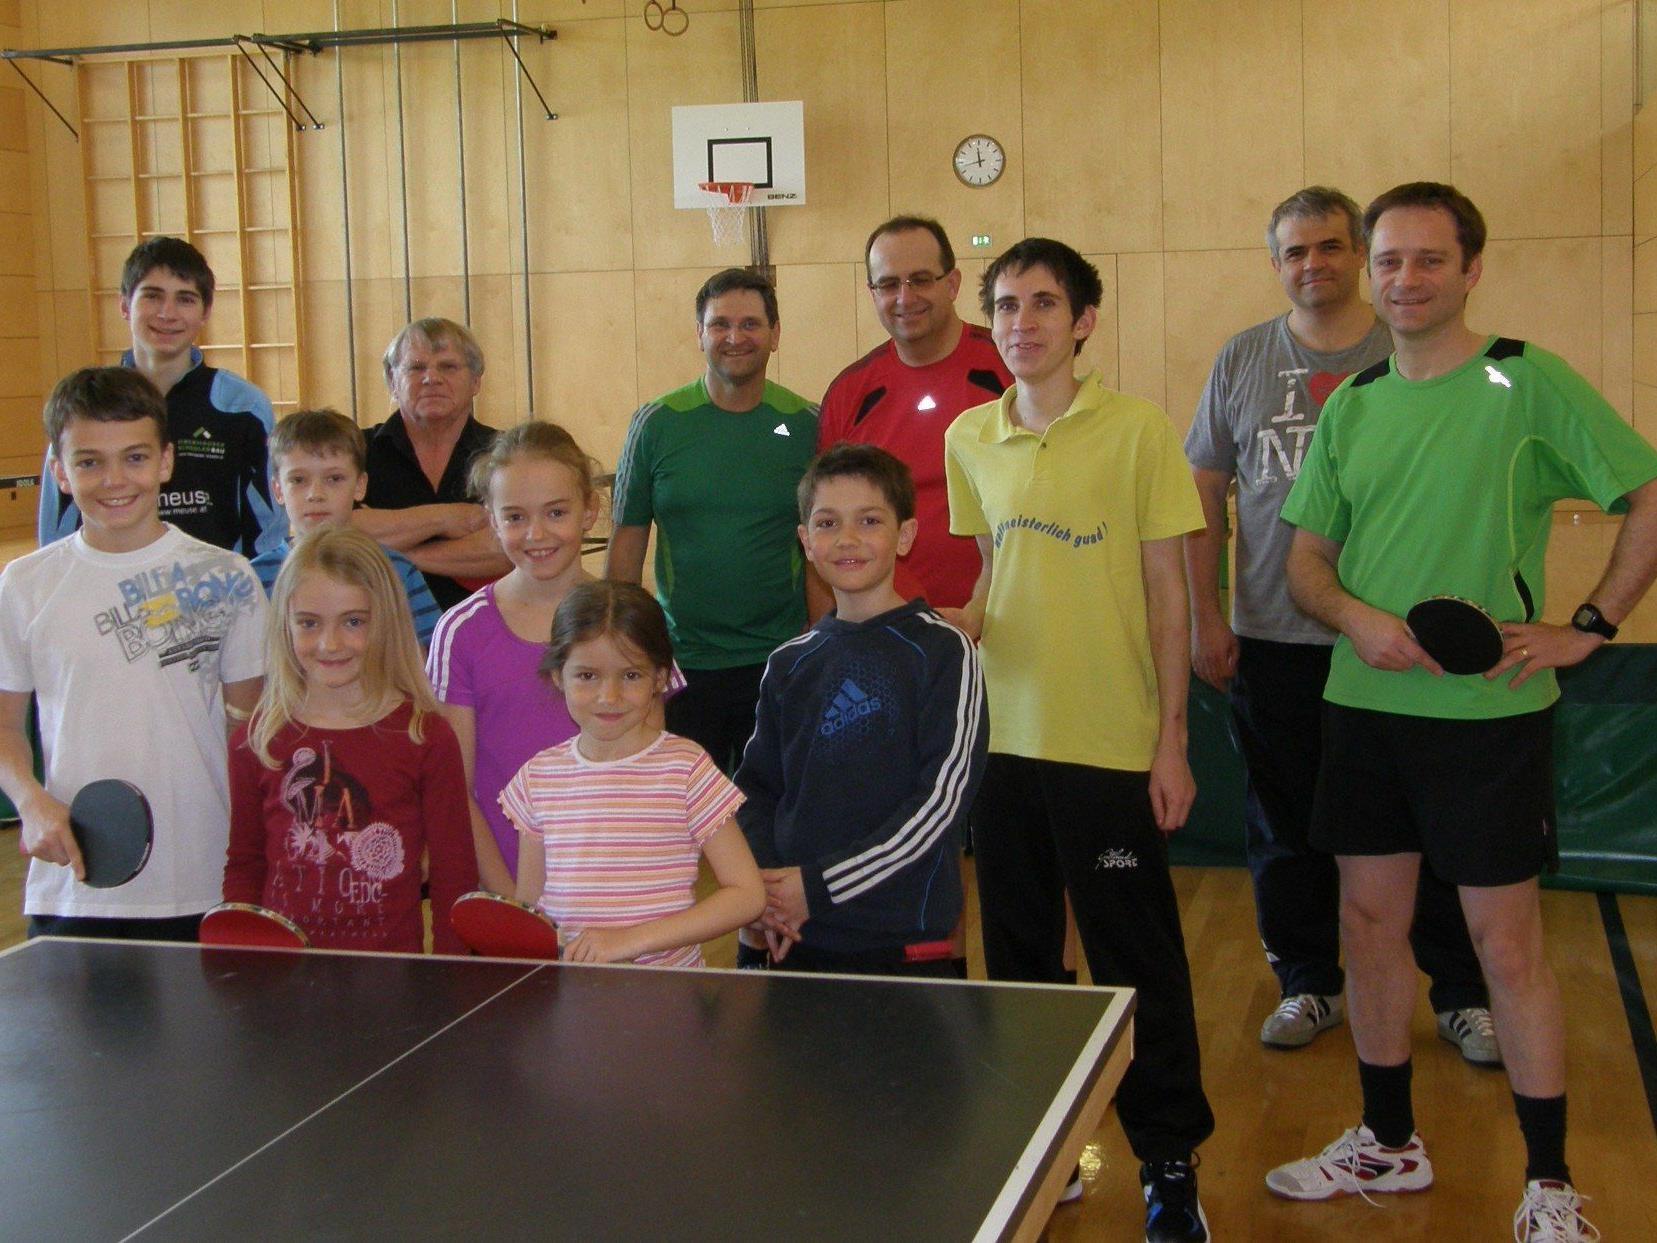 Die Lingenauer Tischtennisspieler(innen)